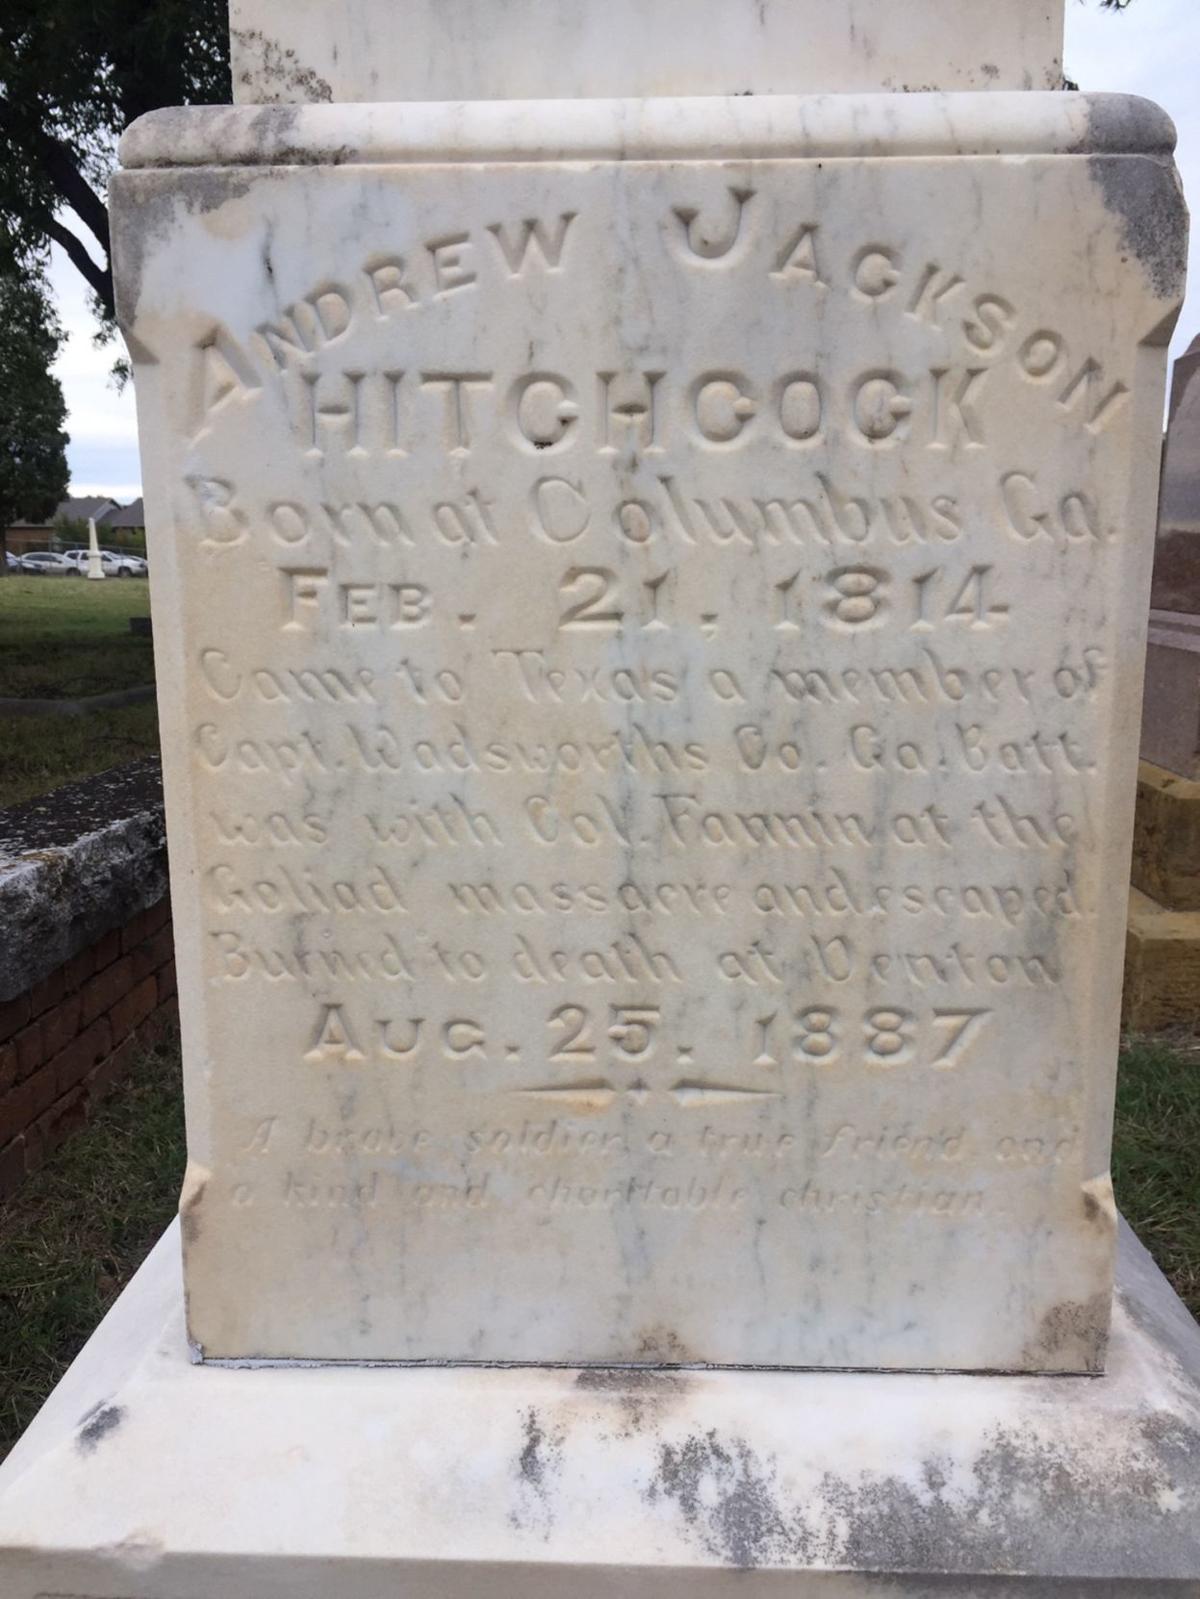 Andrew Jackson Hitchcock's gravestone